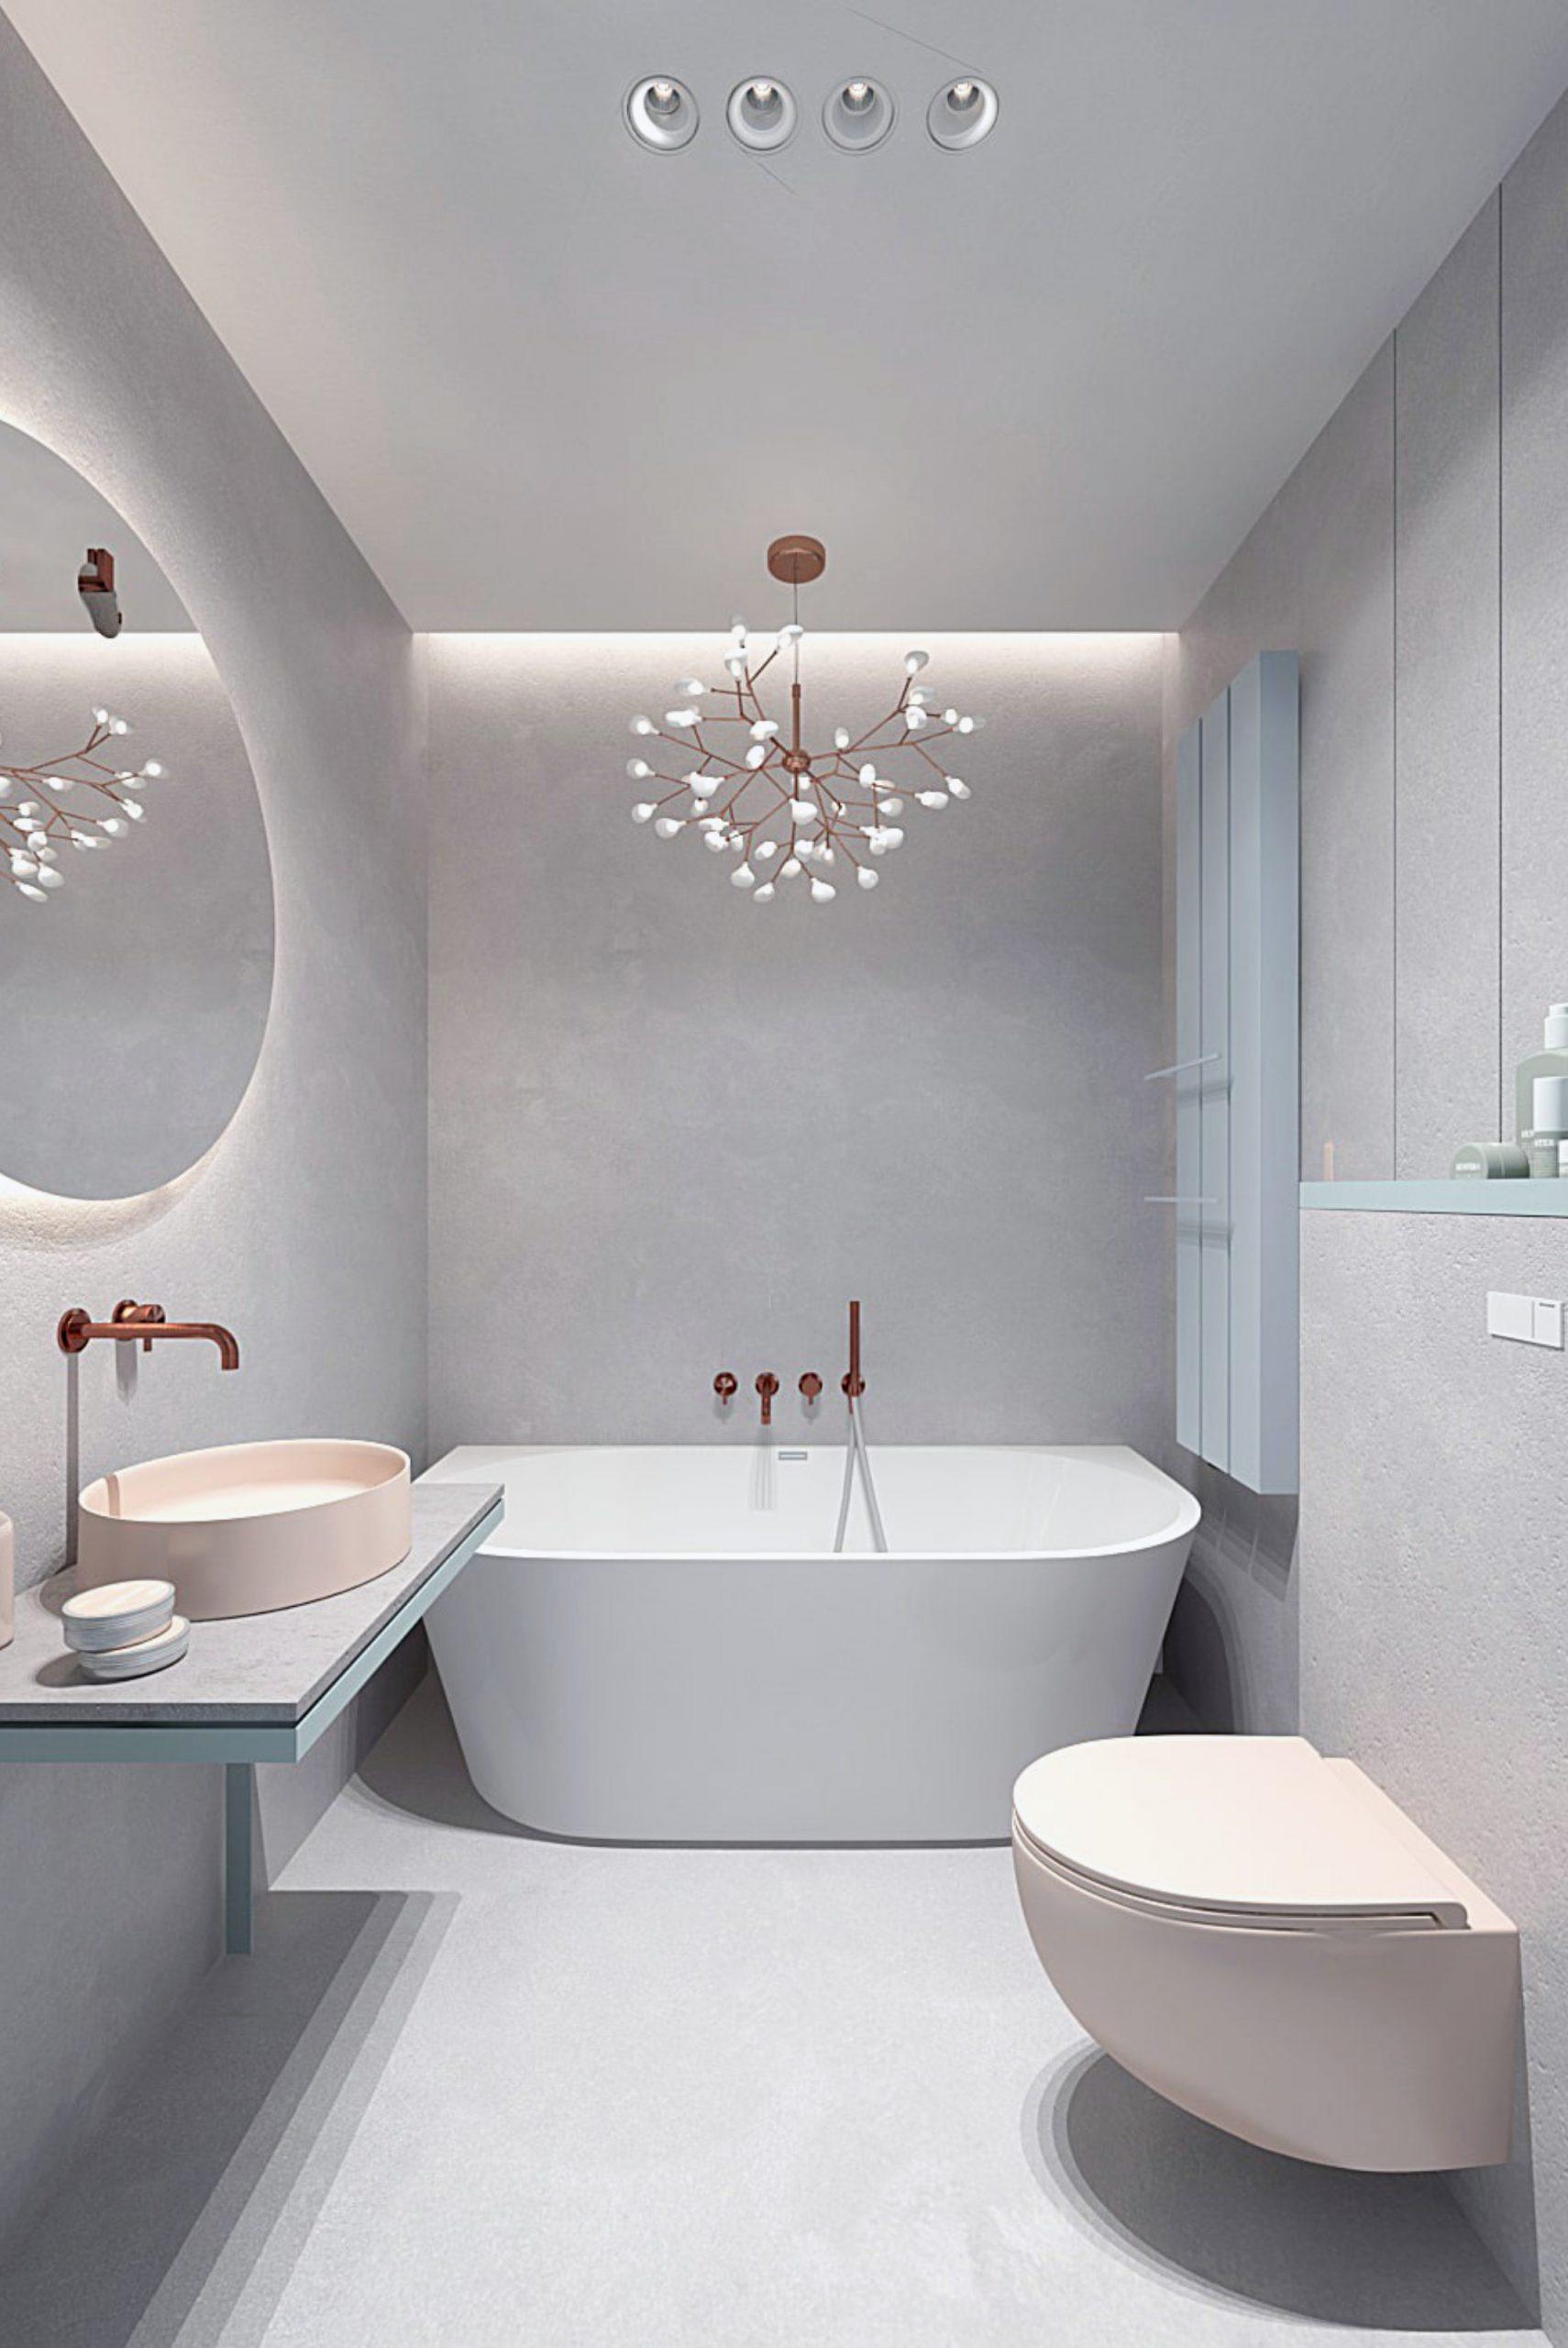 Minimalistyczna łazienka - Projekt stworzony przez architektów wnętrz z Krakowa.